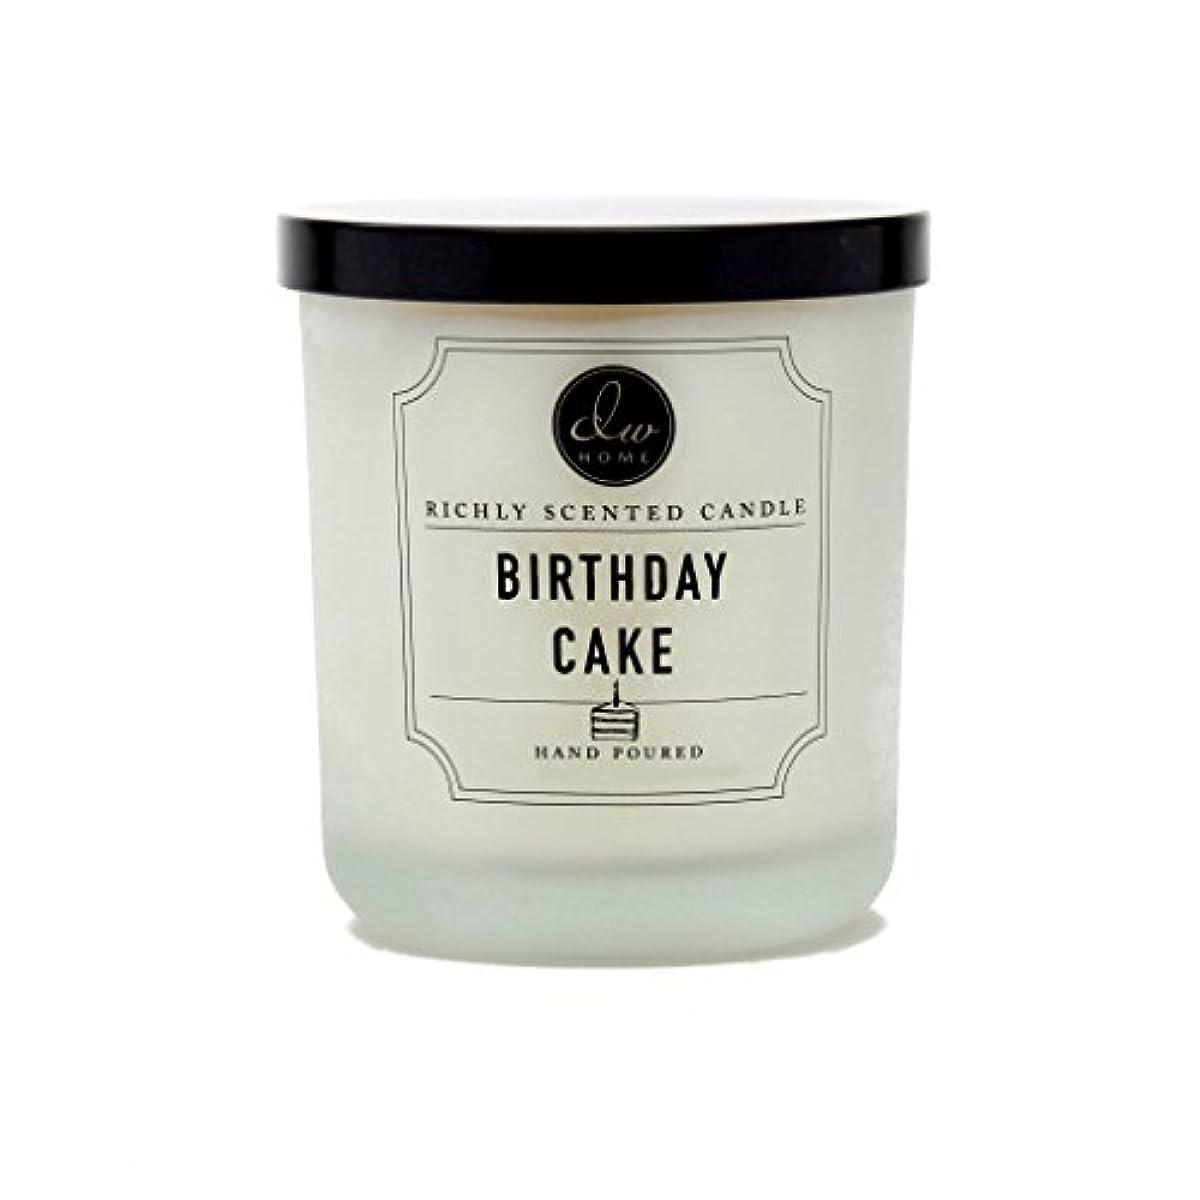 定刻サミット砂漠DW ホーム バースデーケーキ リッチな香り キャンドル S サイズ シングル灯心 手作り 4 オンス